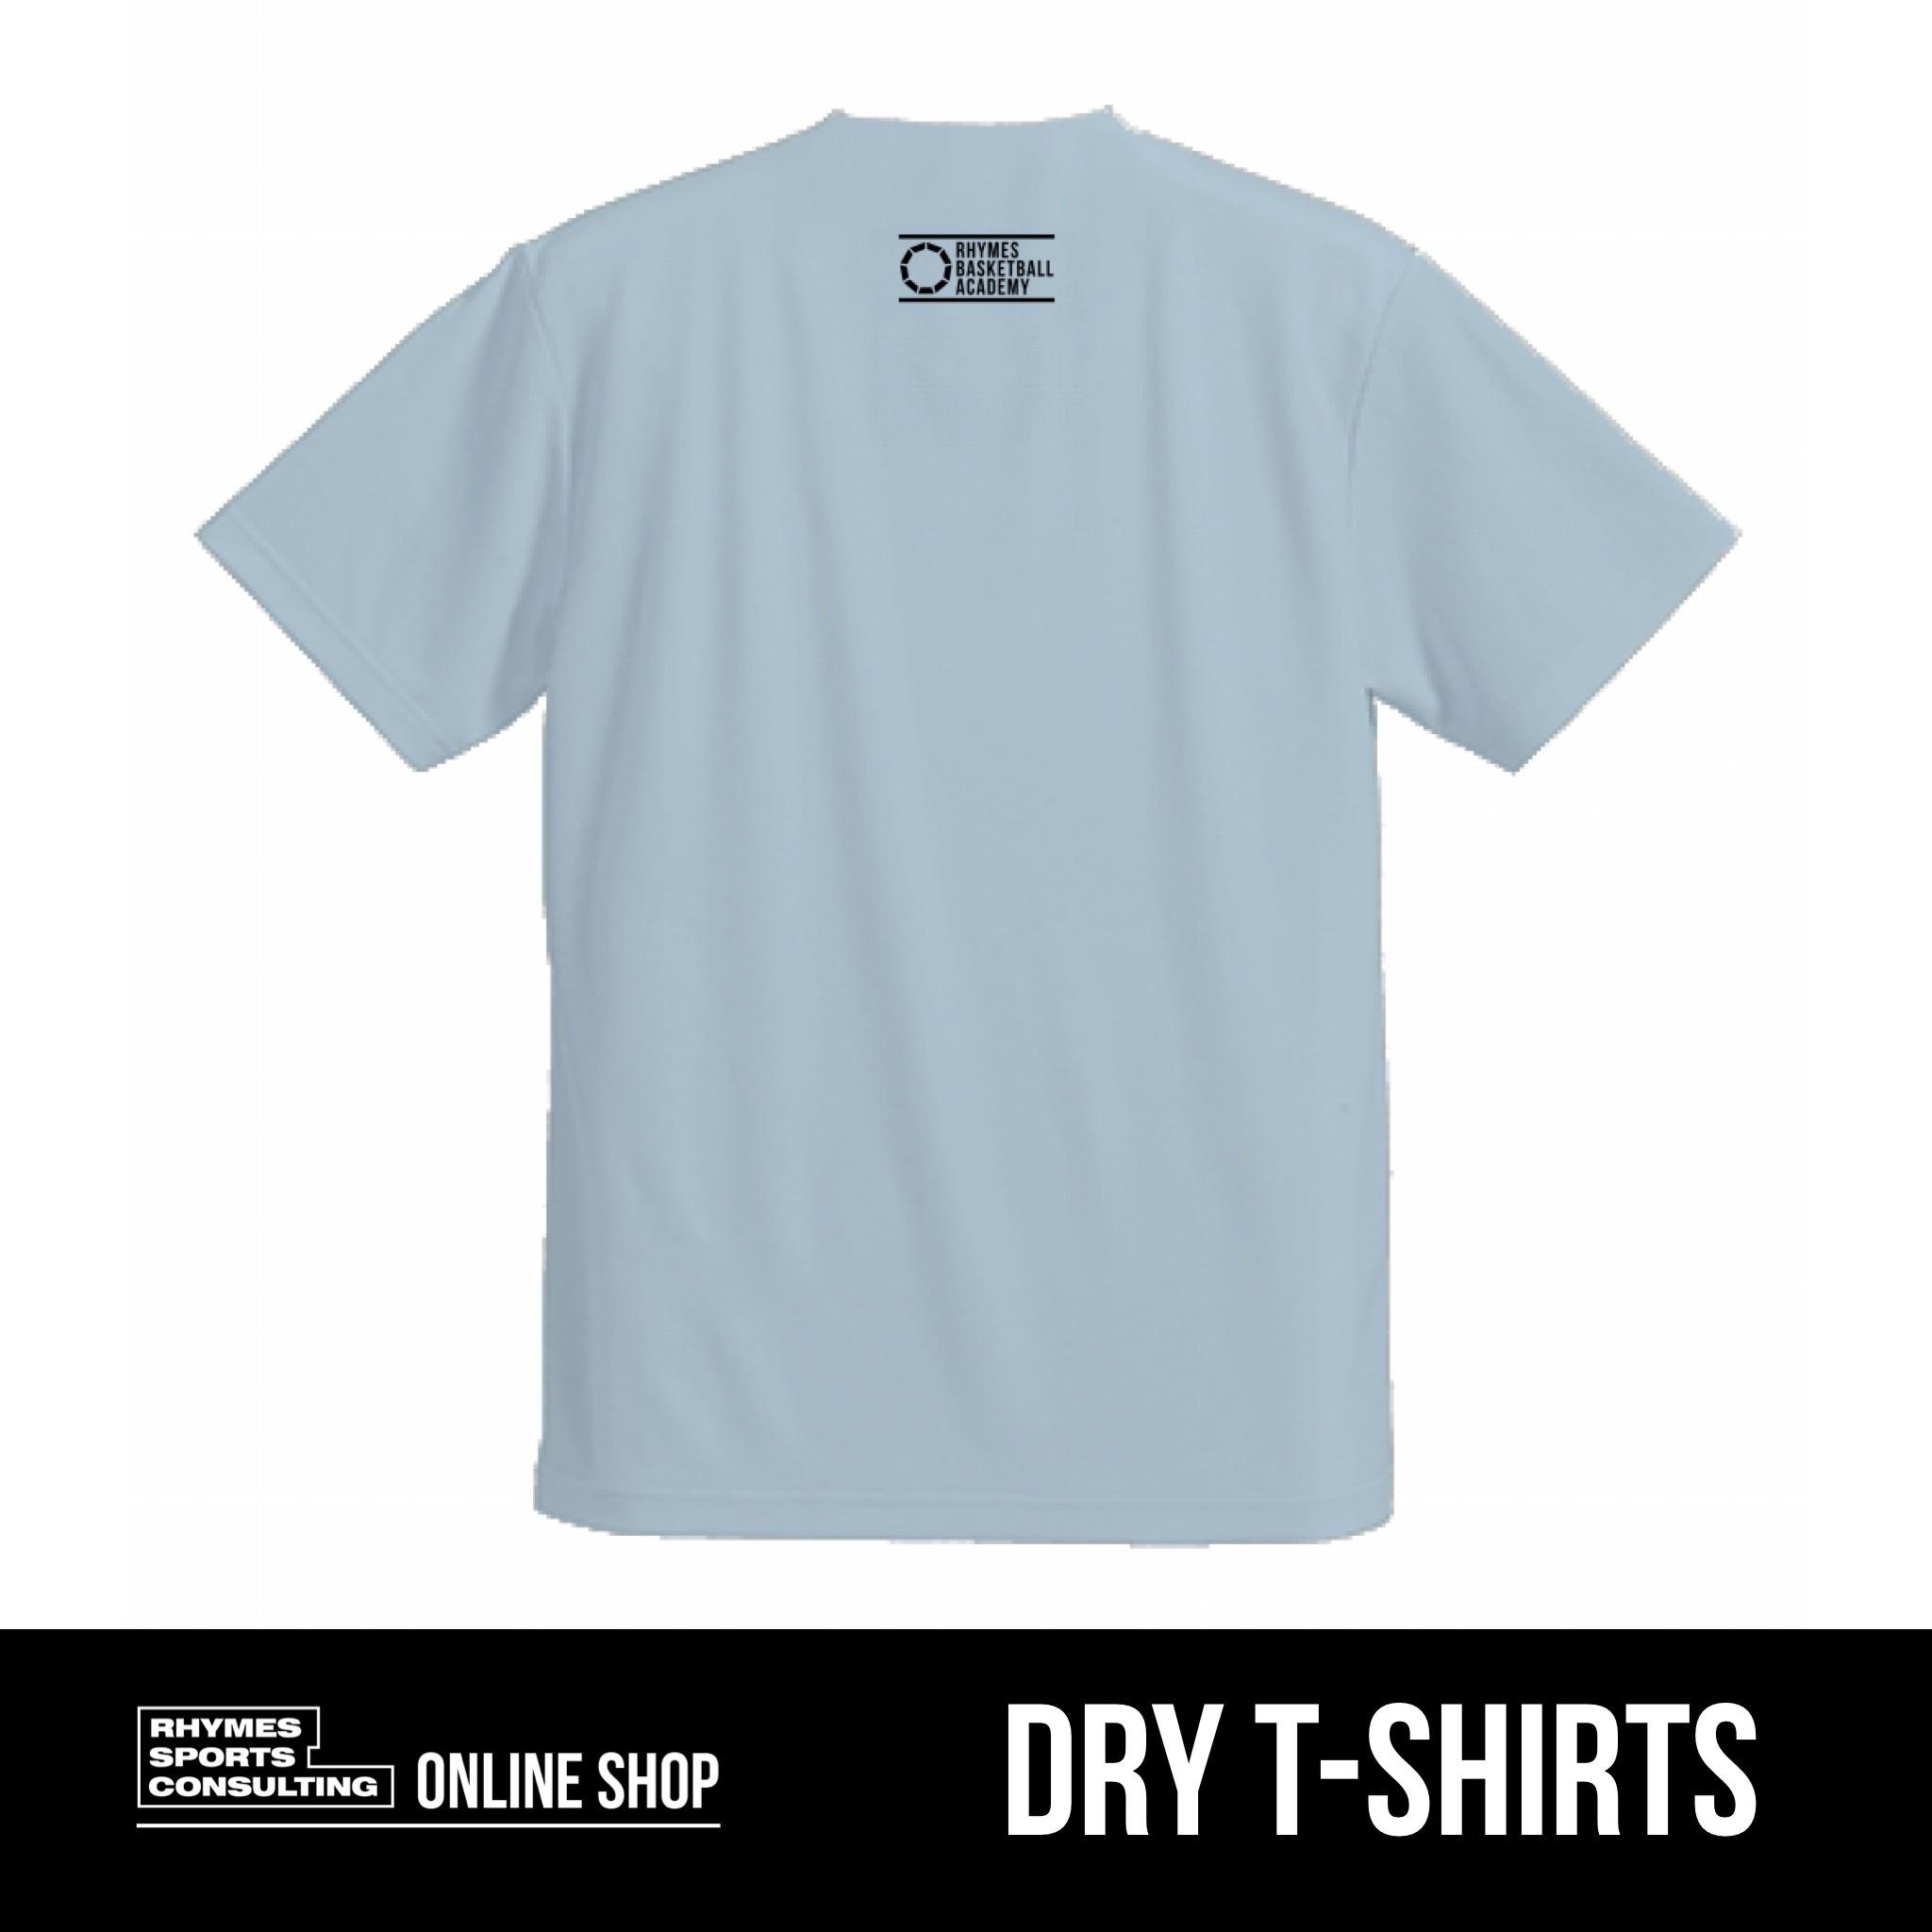 SHOEHURRY! ドライTシャツ(サックス×ブラック)